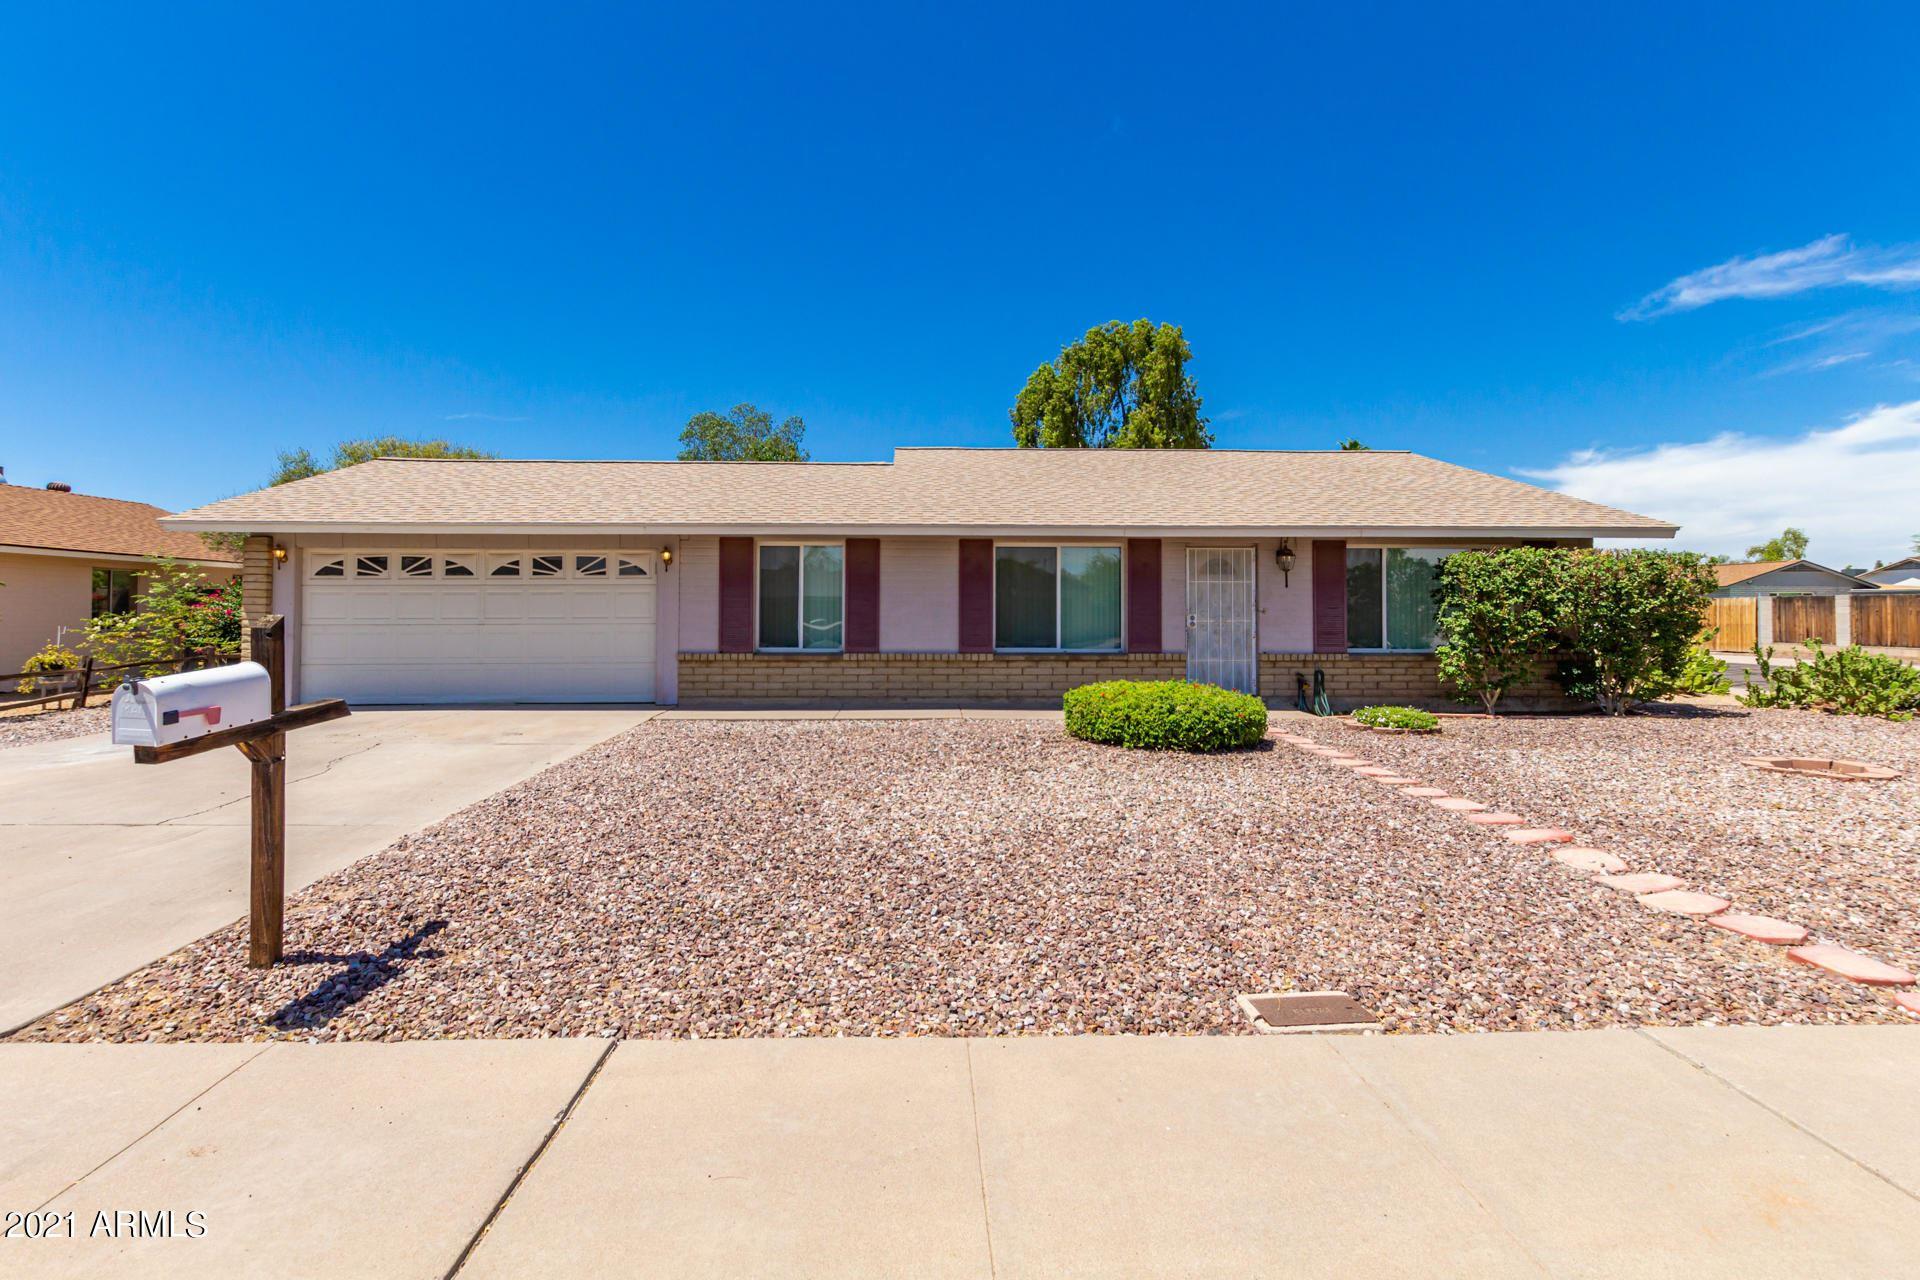 2002 W TOPEKA Drive, Phoenix, AZ 85027 - MLS#: 6240147